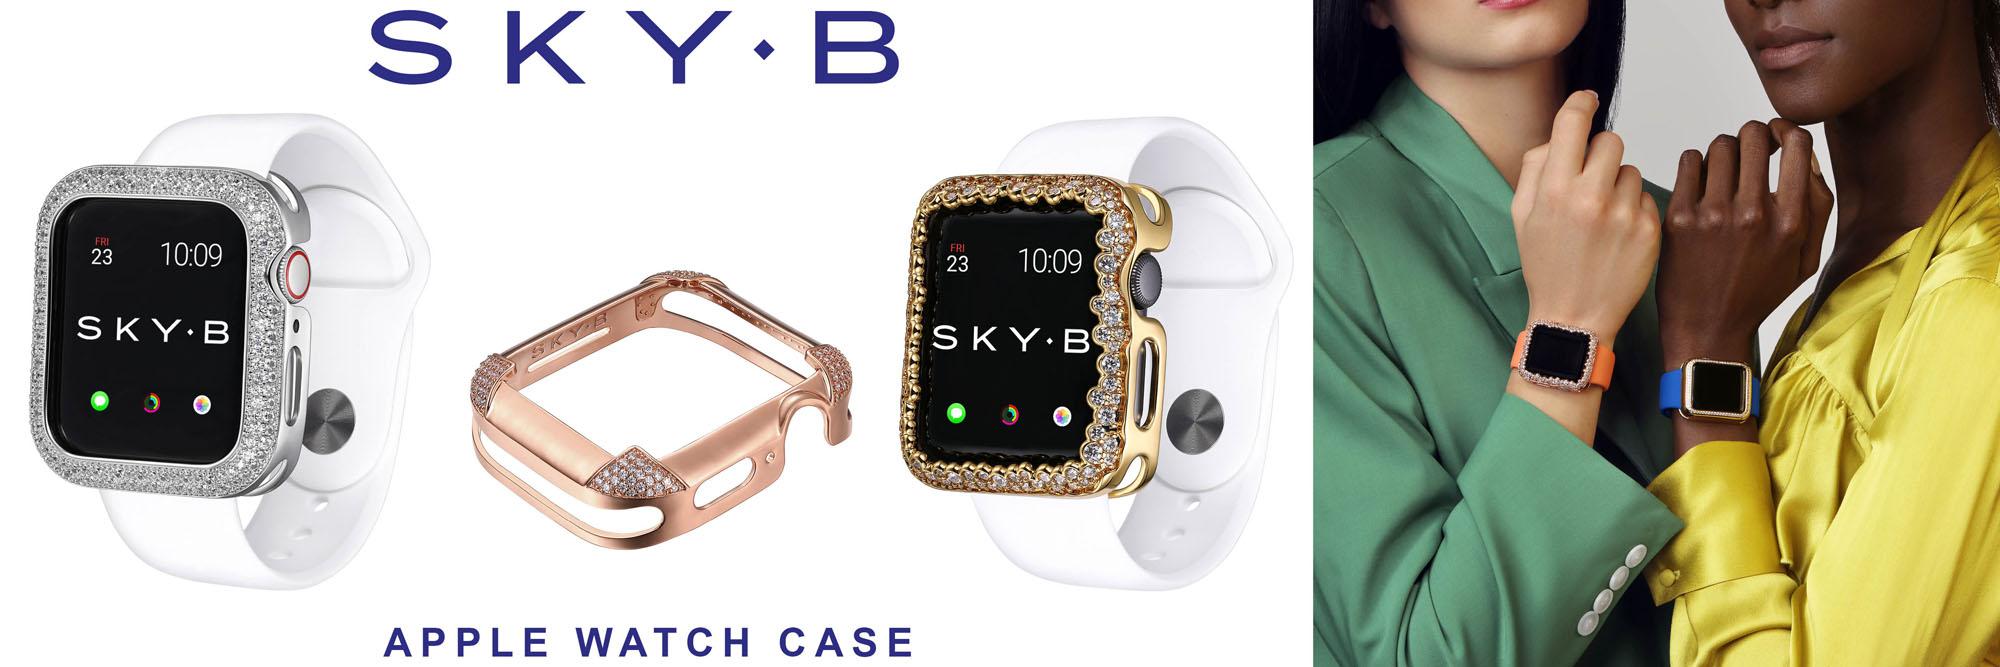 SKY-B-Banner